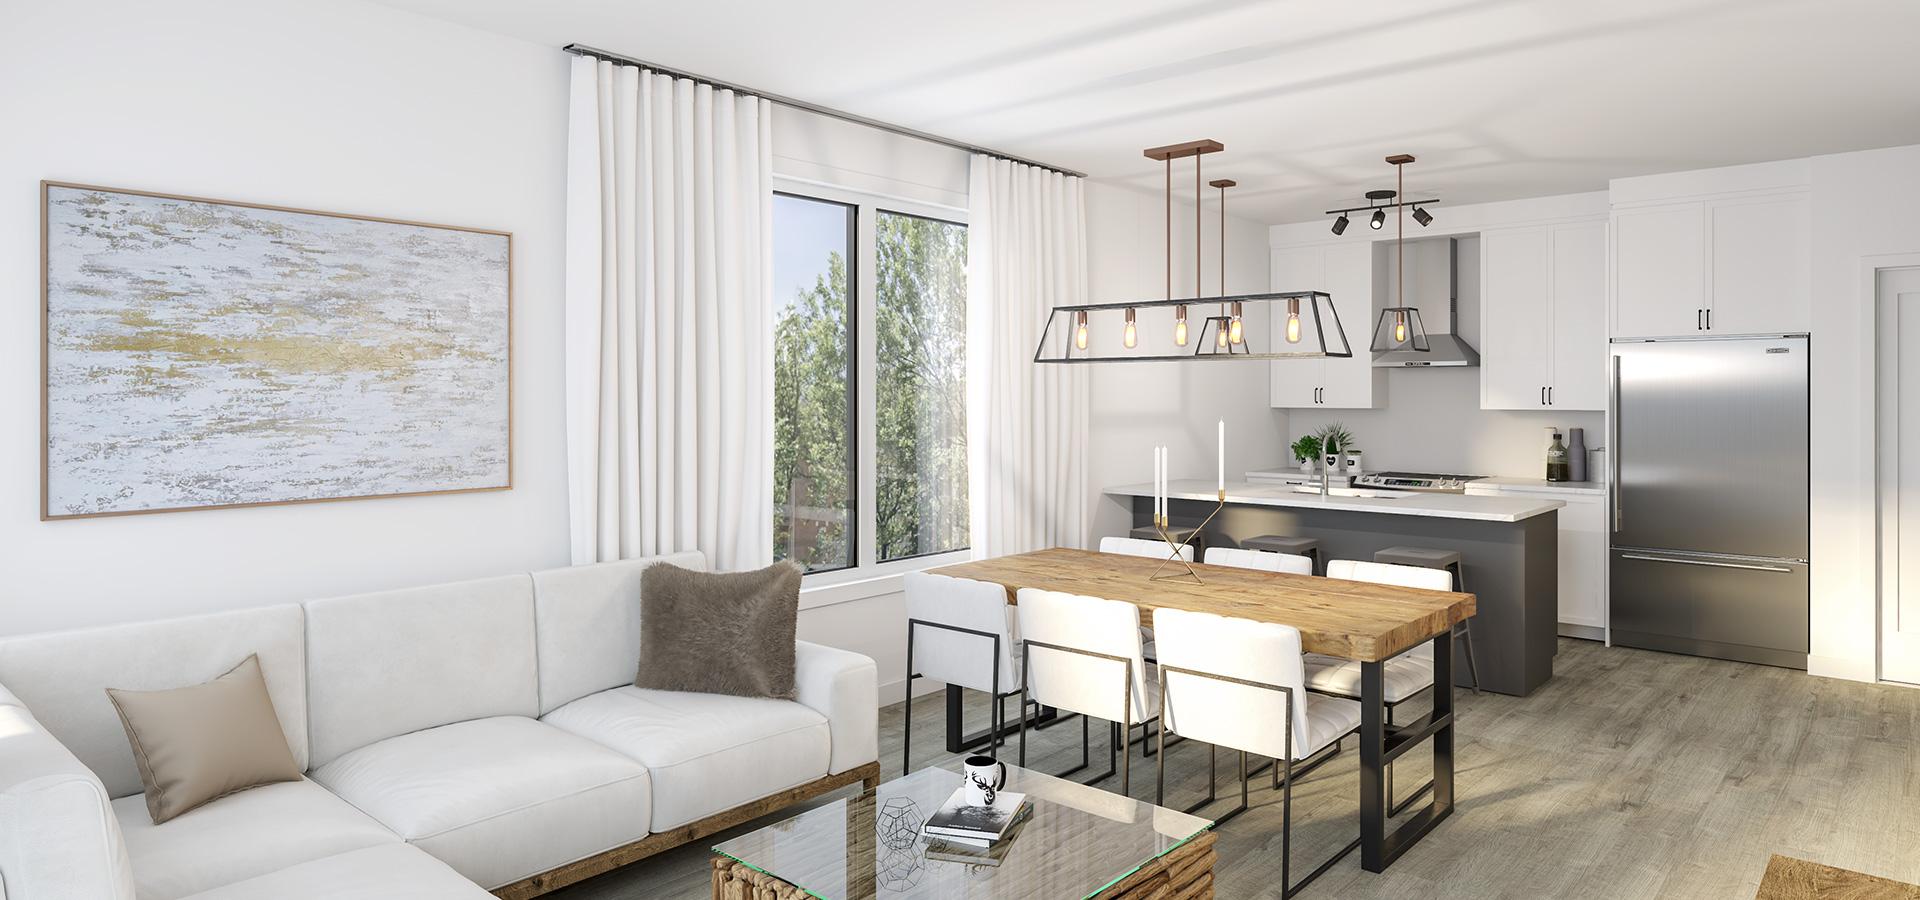 Logement | salon - cuisine